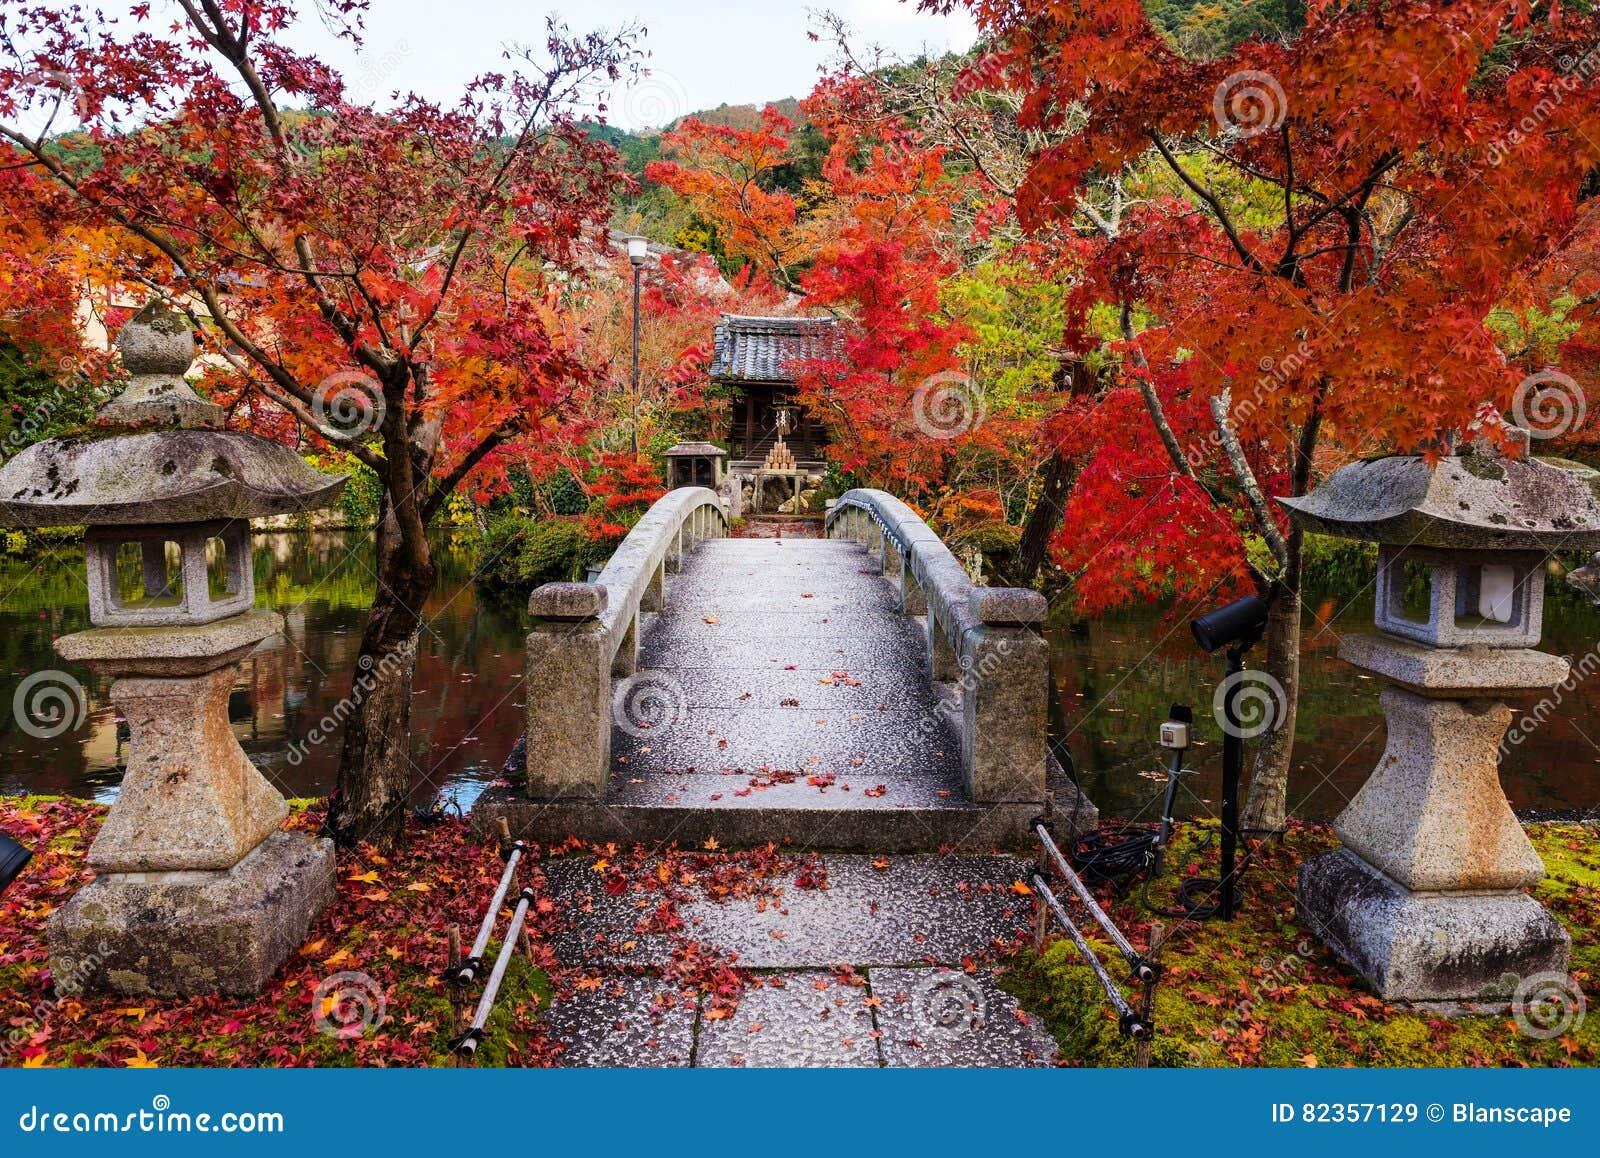 Eikando With Autumn Foliage, Kyoto Stock Image - Image of bridge ...